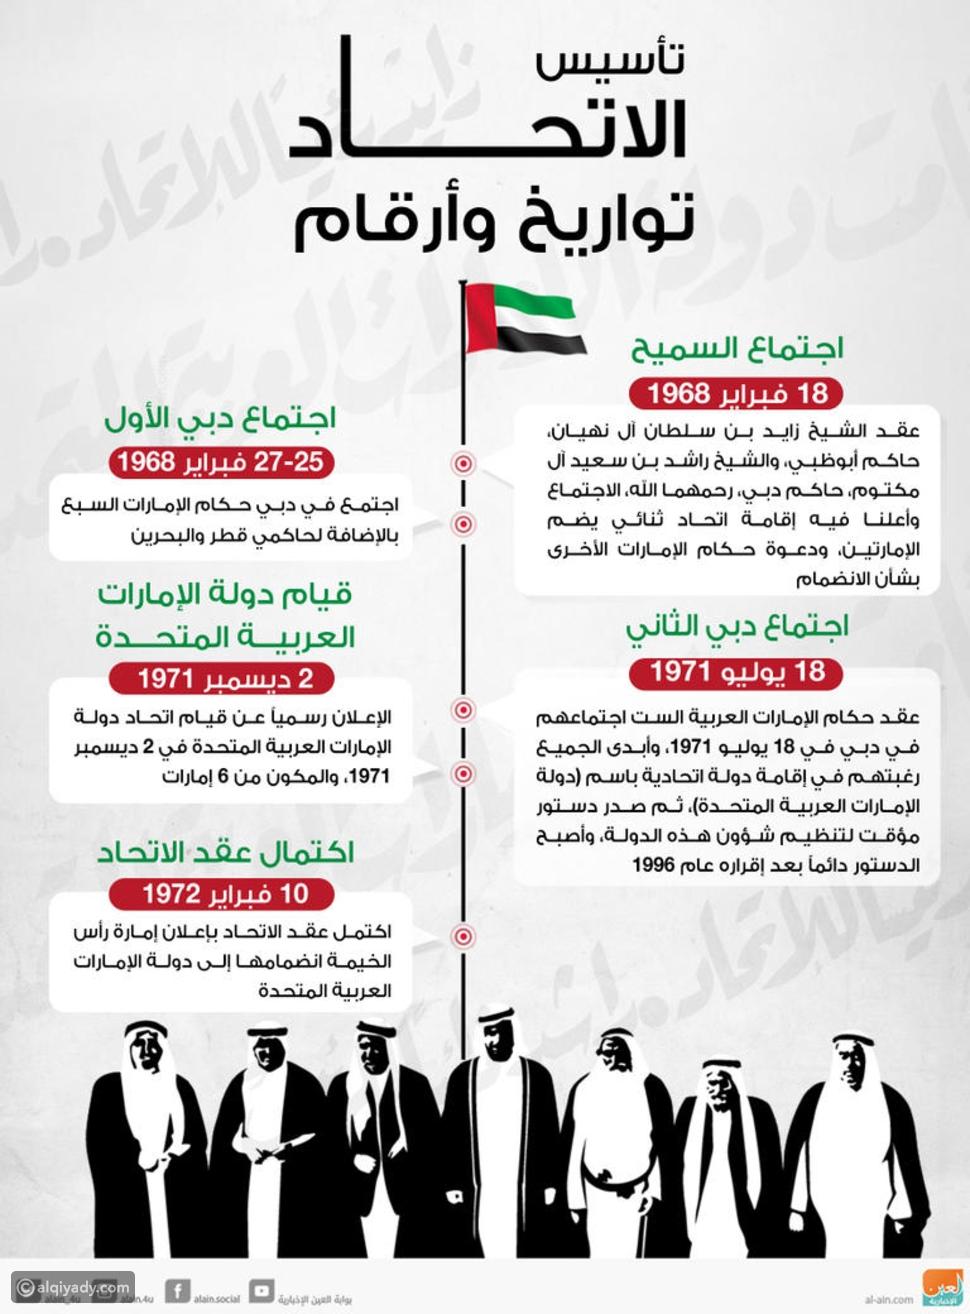 في اليوم الوطني الإماراتي: محطات تاريخية لتأسيس الاتحاد